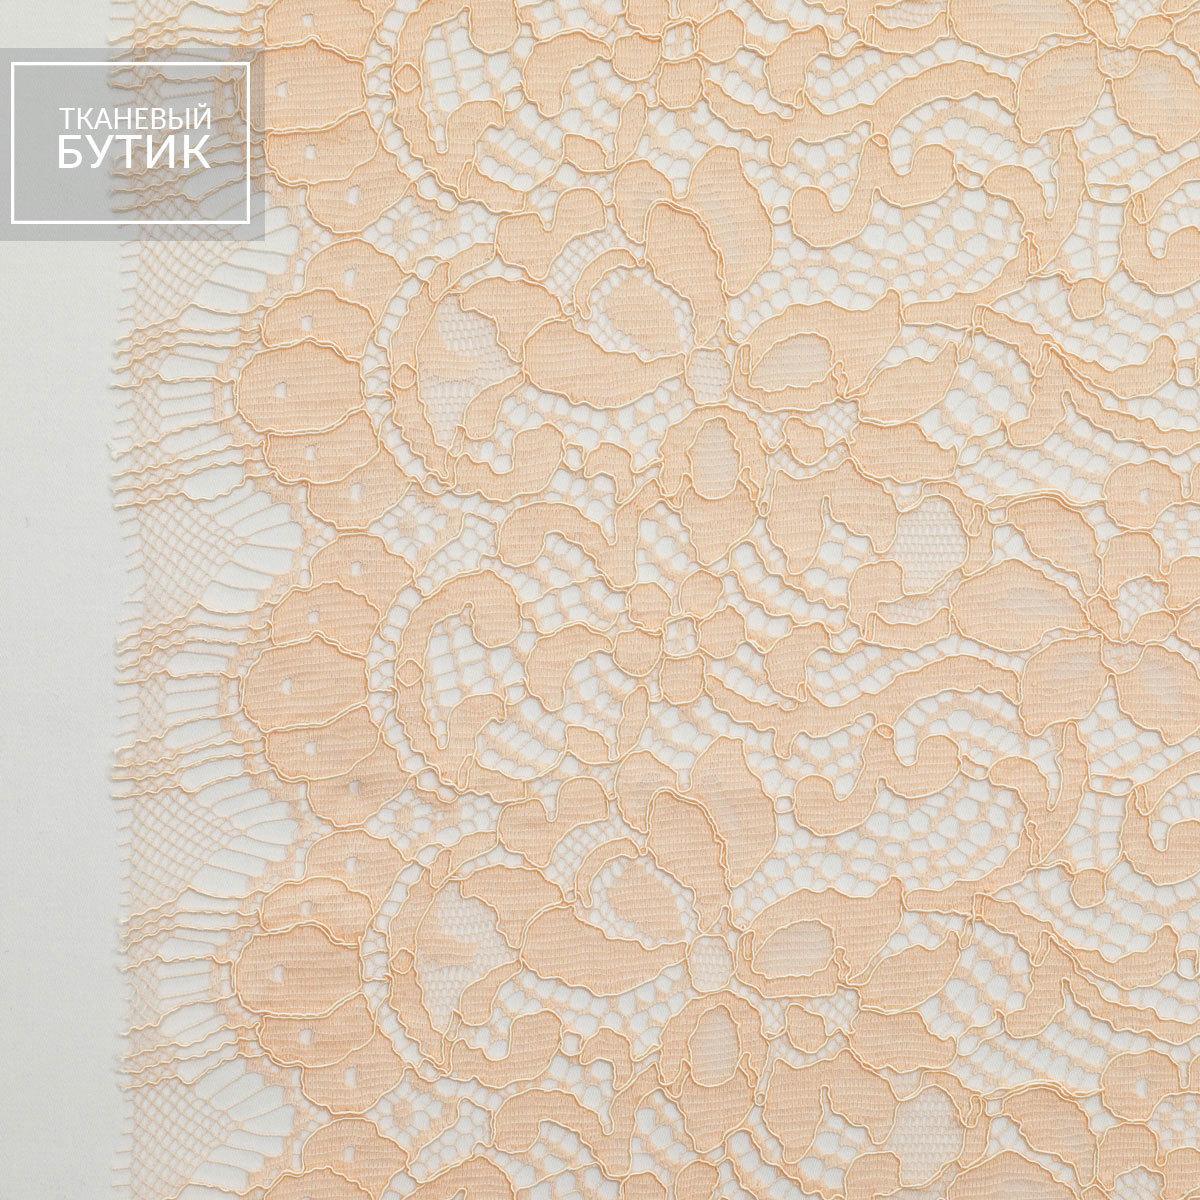 Нежно-персиковое французское кордовое кружево с цветочным мотивом